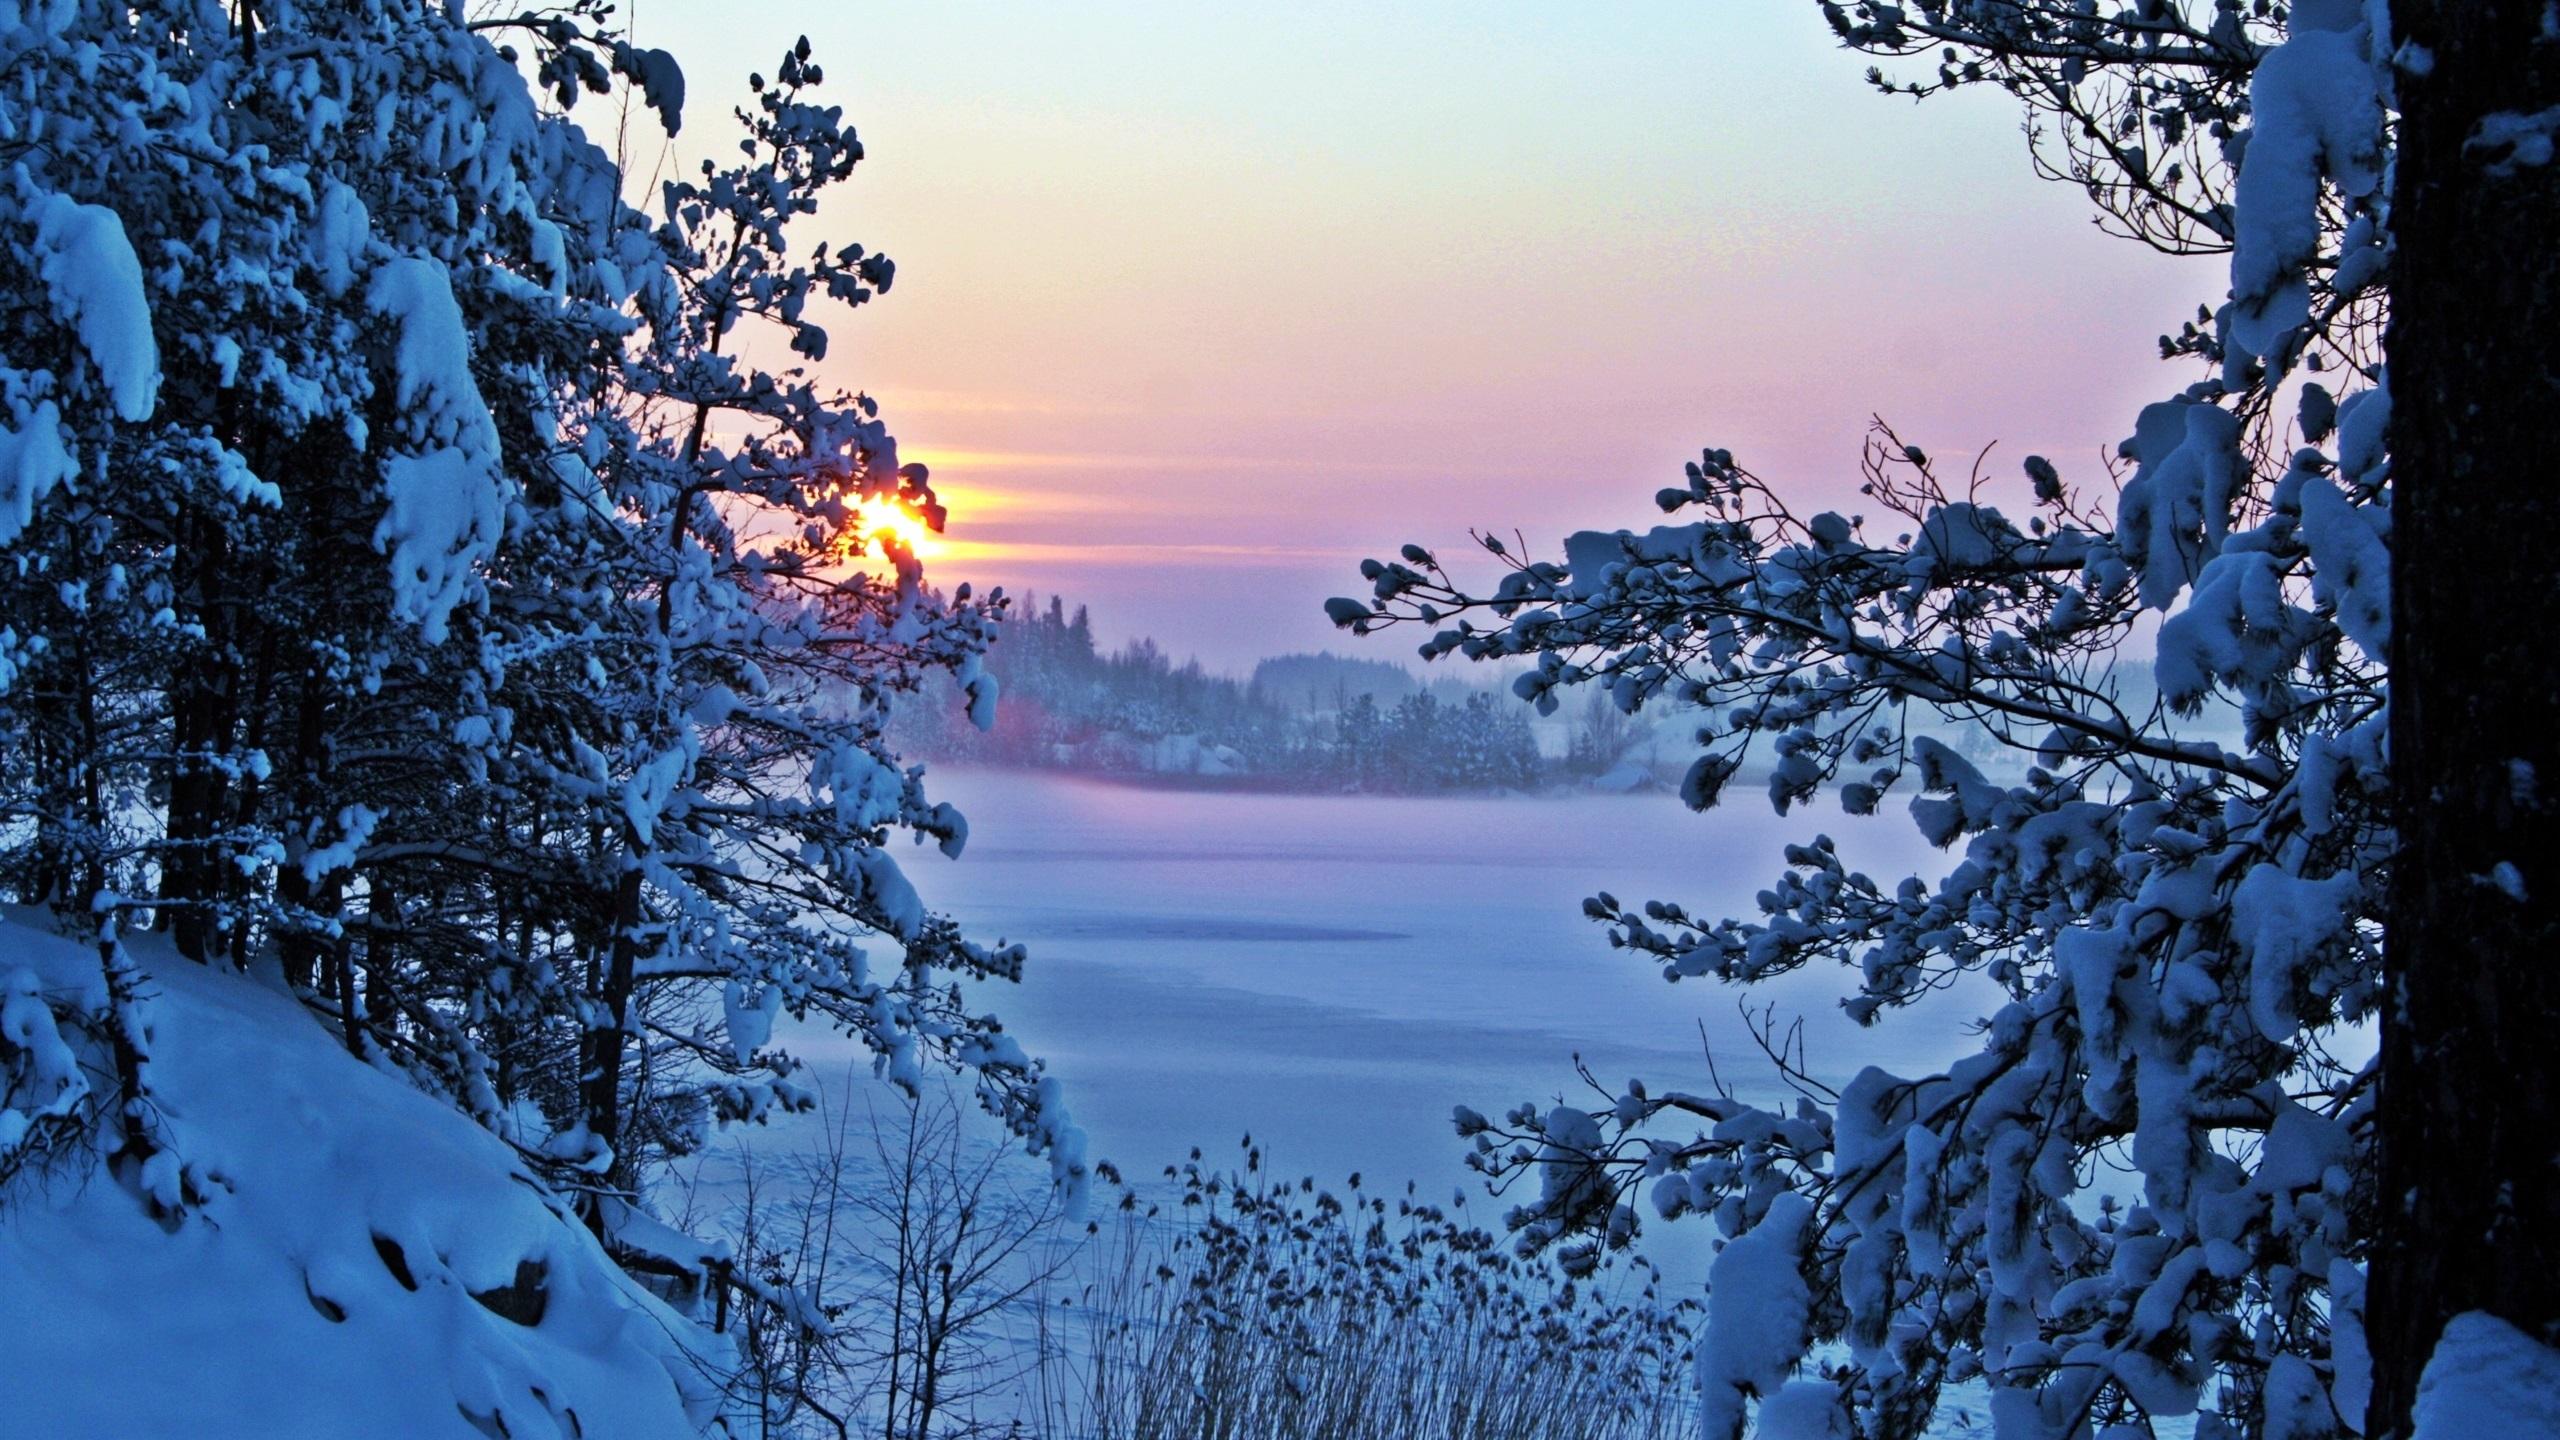 Обои на рабочий стол зима и новый год (1)